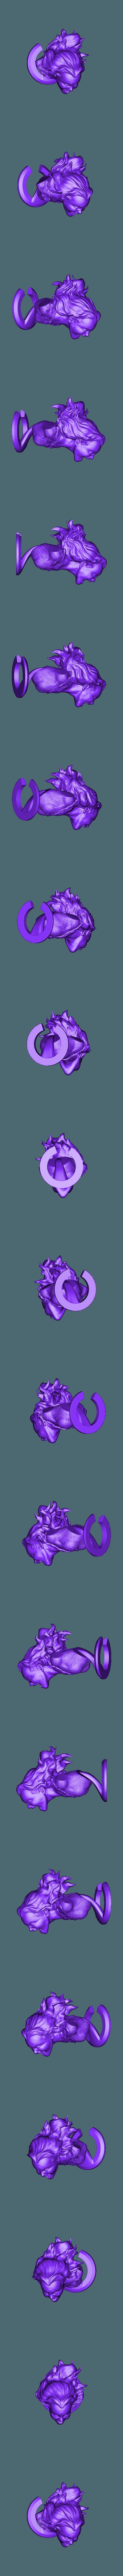 JoyfulYell_Medium.stl Télécharger fichier STL gratuit Le joyeux hurlement • Plan pour imprimante 3D, bendansie